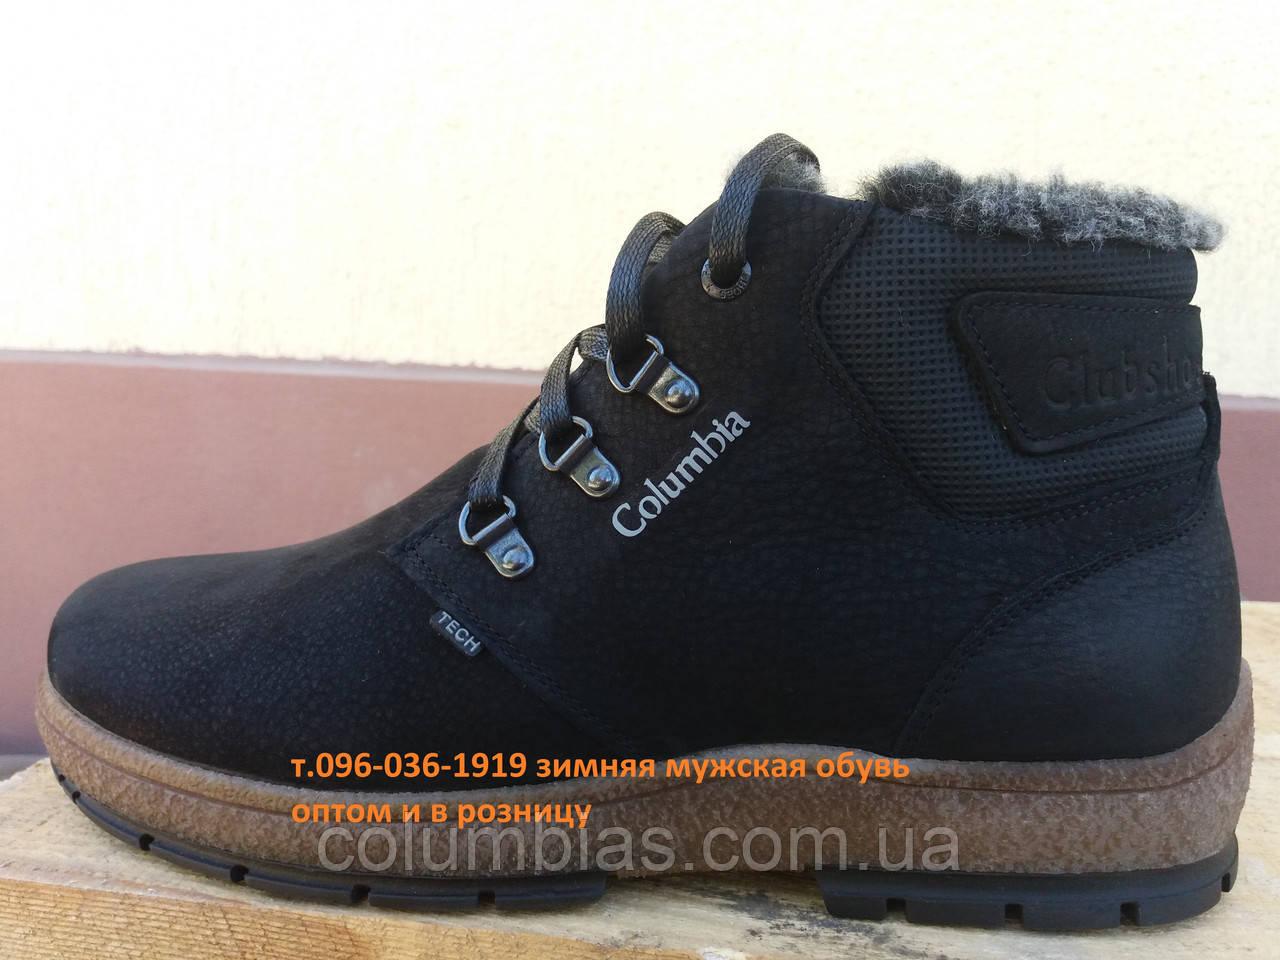 Мужские утеплённые зимние ботинки Columвia